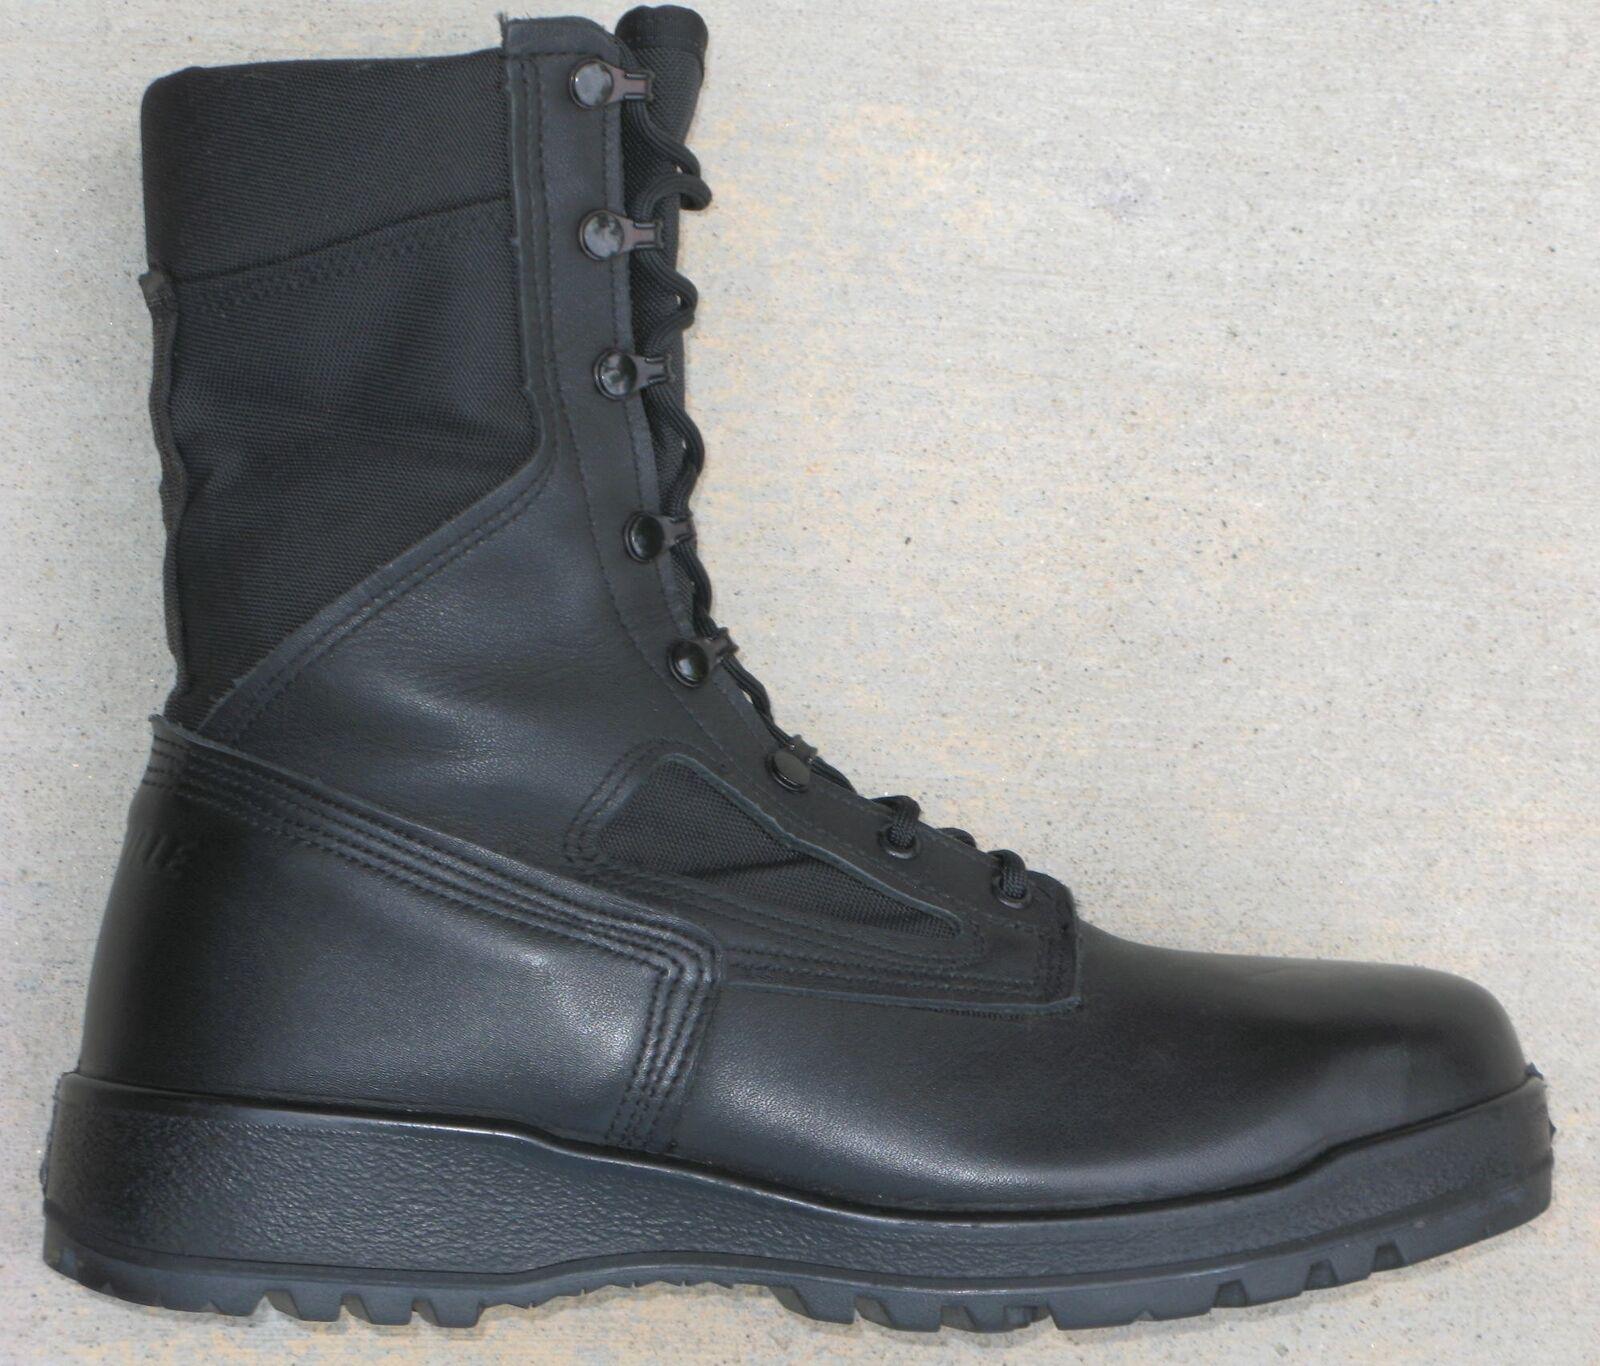 Belleville 300 Tropisch Stahlkappe Vanguard 11 Stiefel Herren Sz 11 Vanguard Schwarzes Leder 26ed35